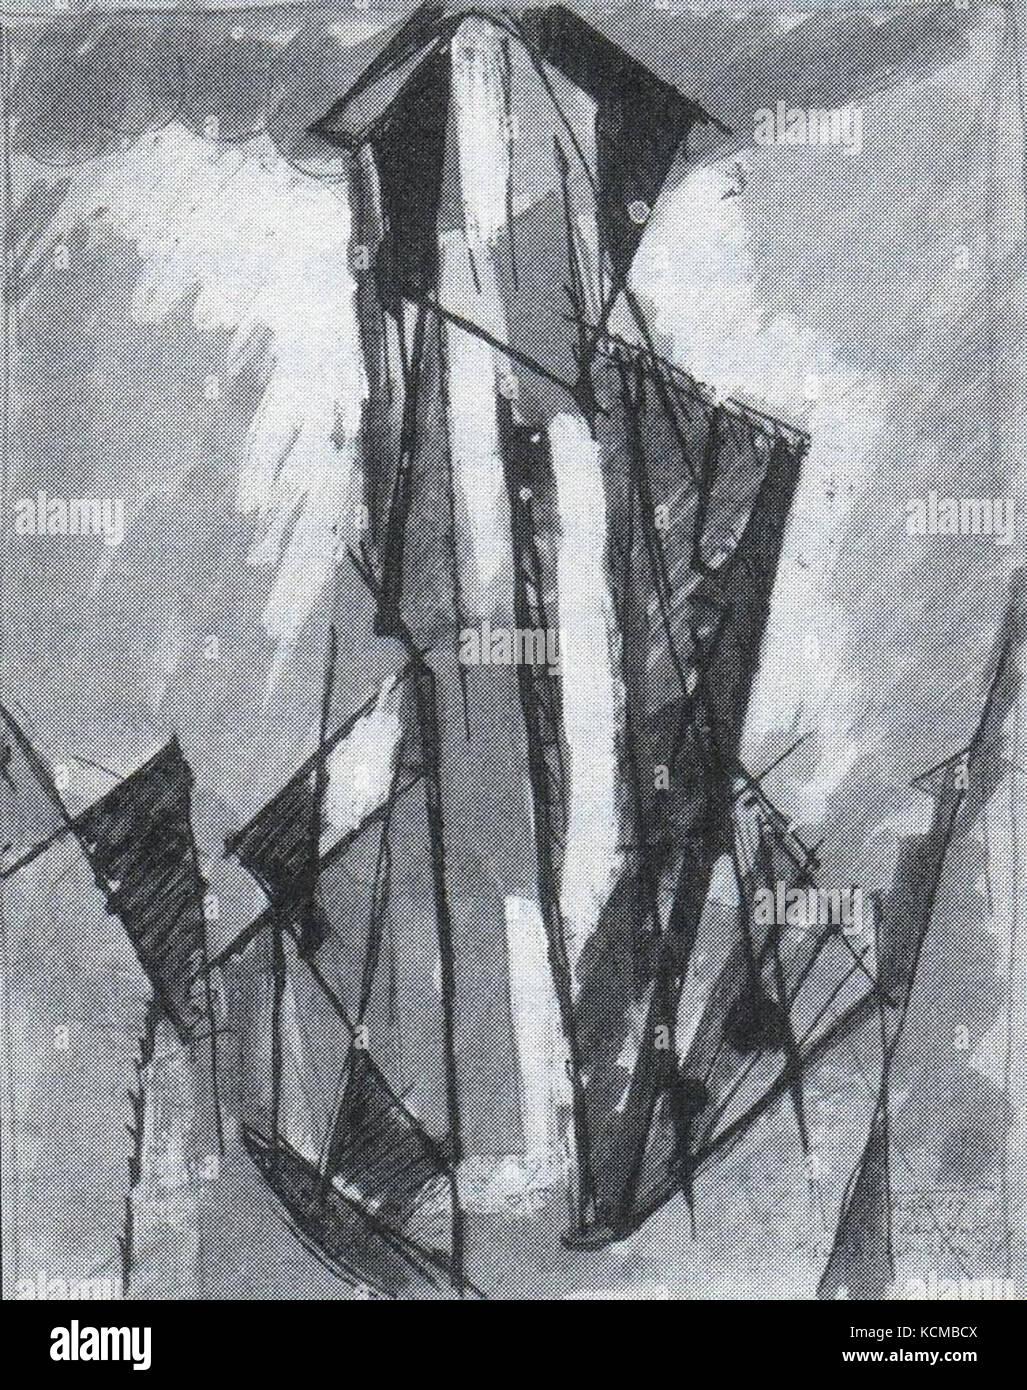 Albert Gleizes Sur le Flat iron 1916 - Stock Image